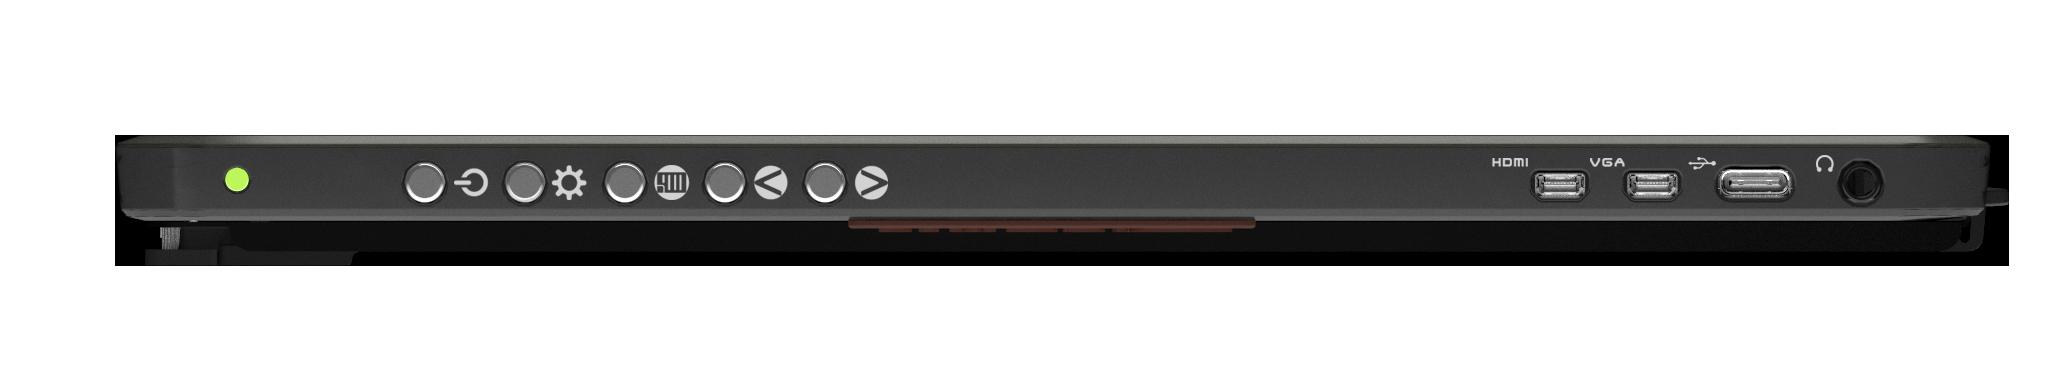 1503E-IO Buttons